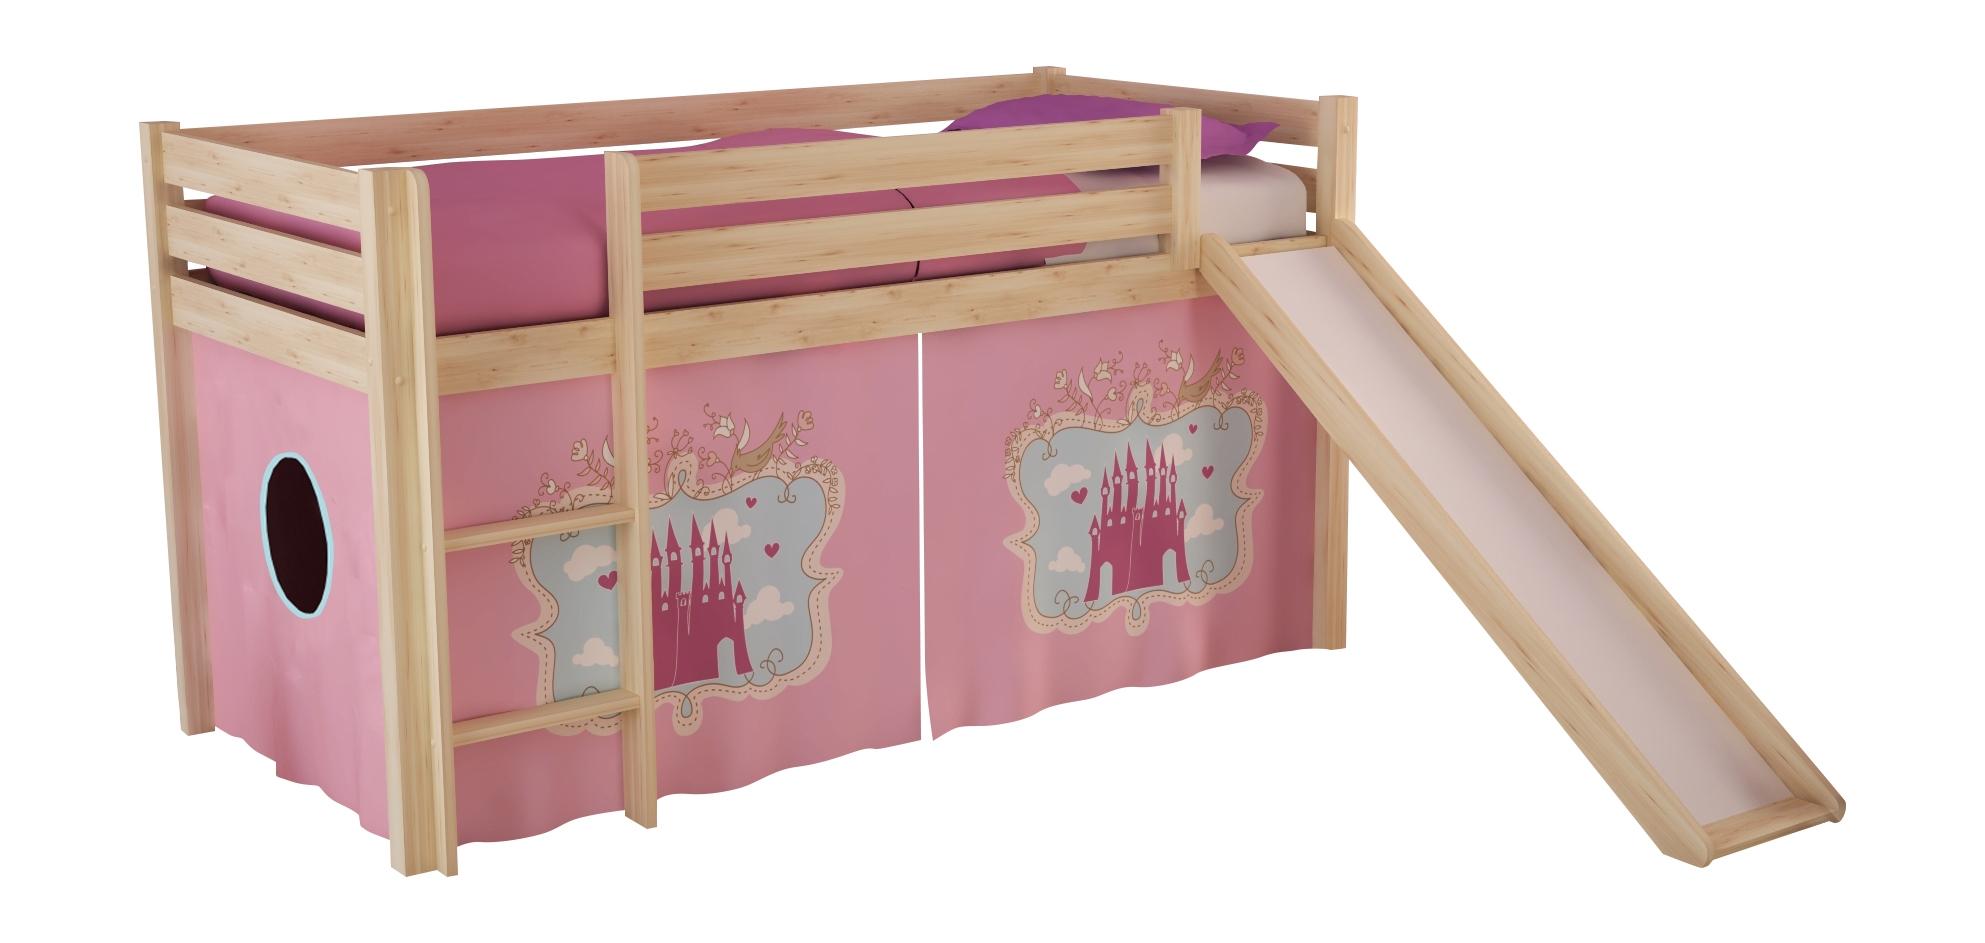 Pat etajat din lemn de pin, cu topogan pentru copii Pino Castle Natural, 200 x 90 cm